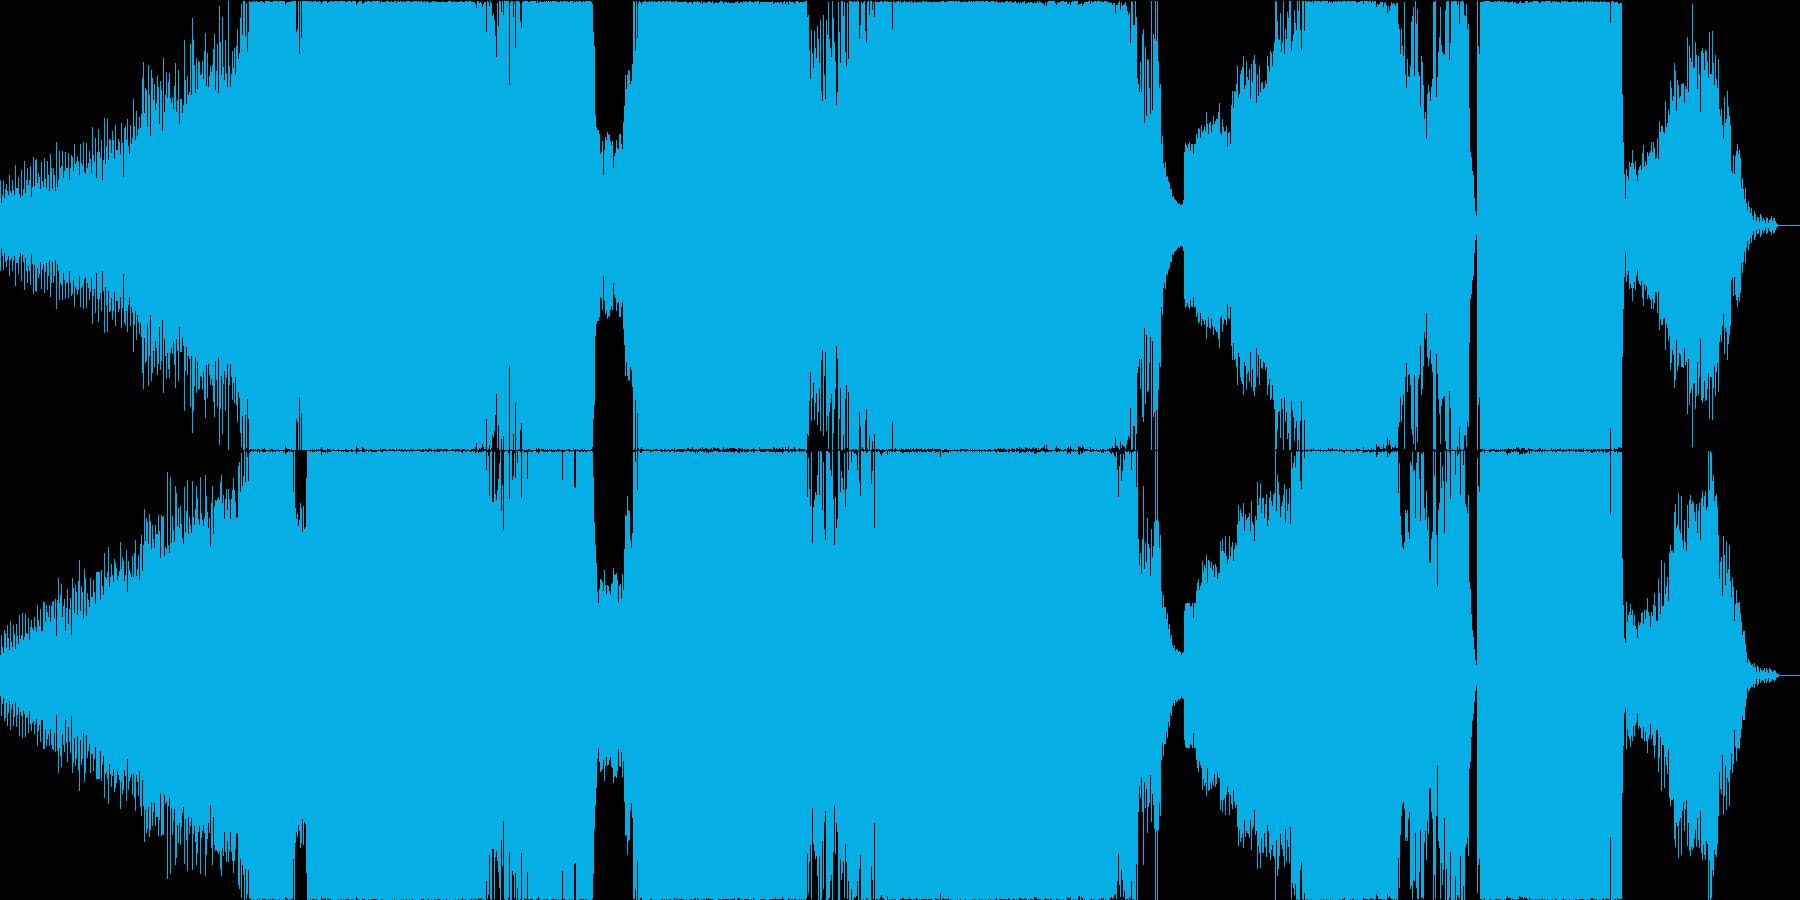 曲想が様々に展開するシンフォニックロックの再生済みの波形